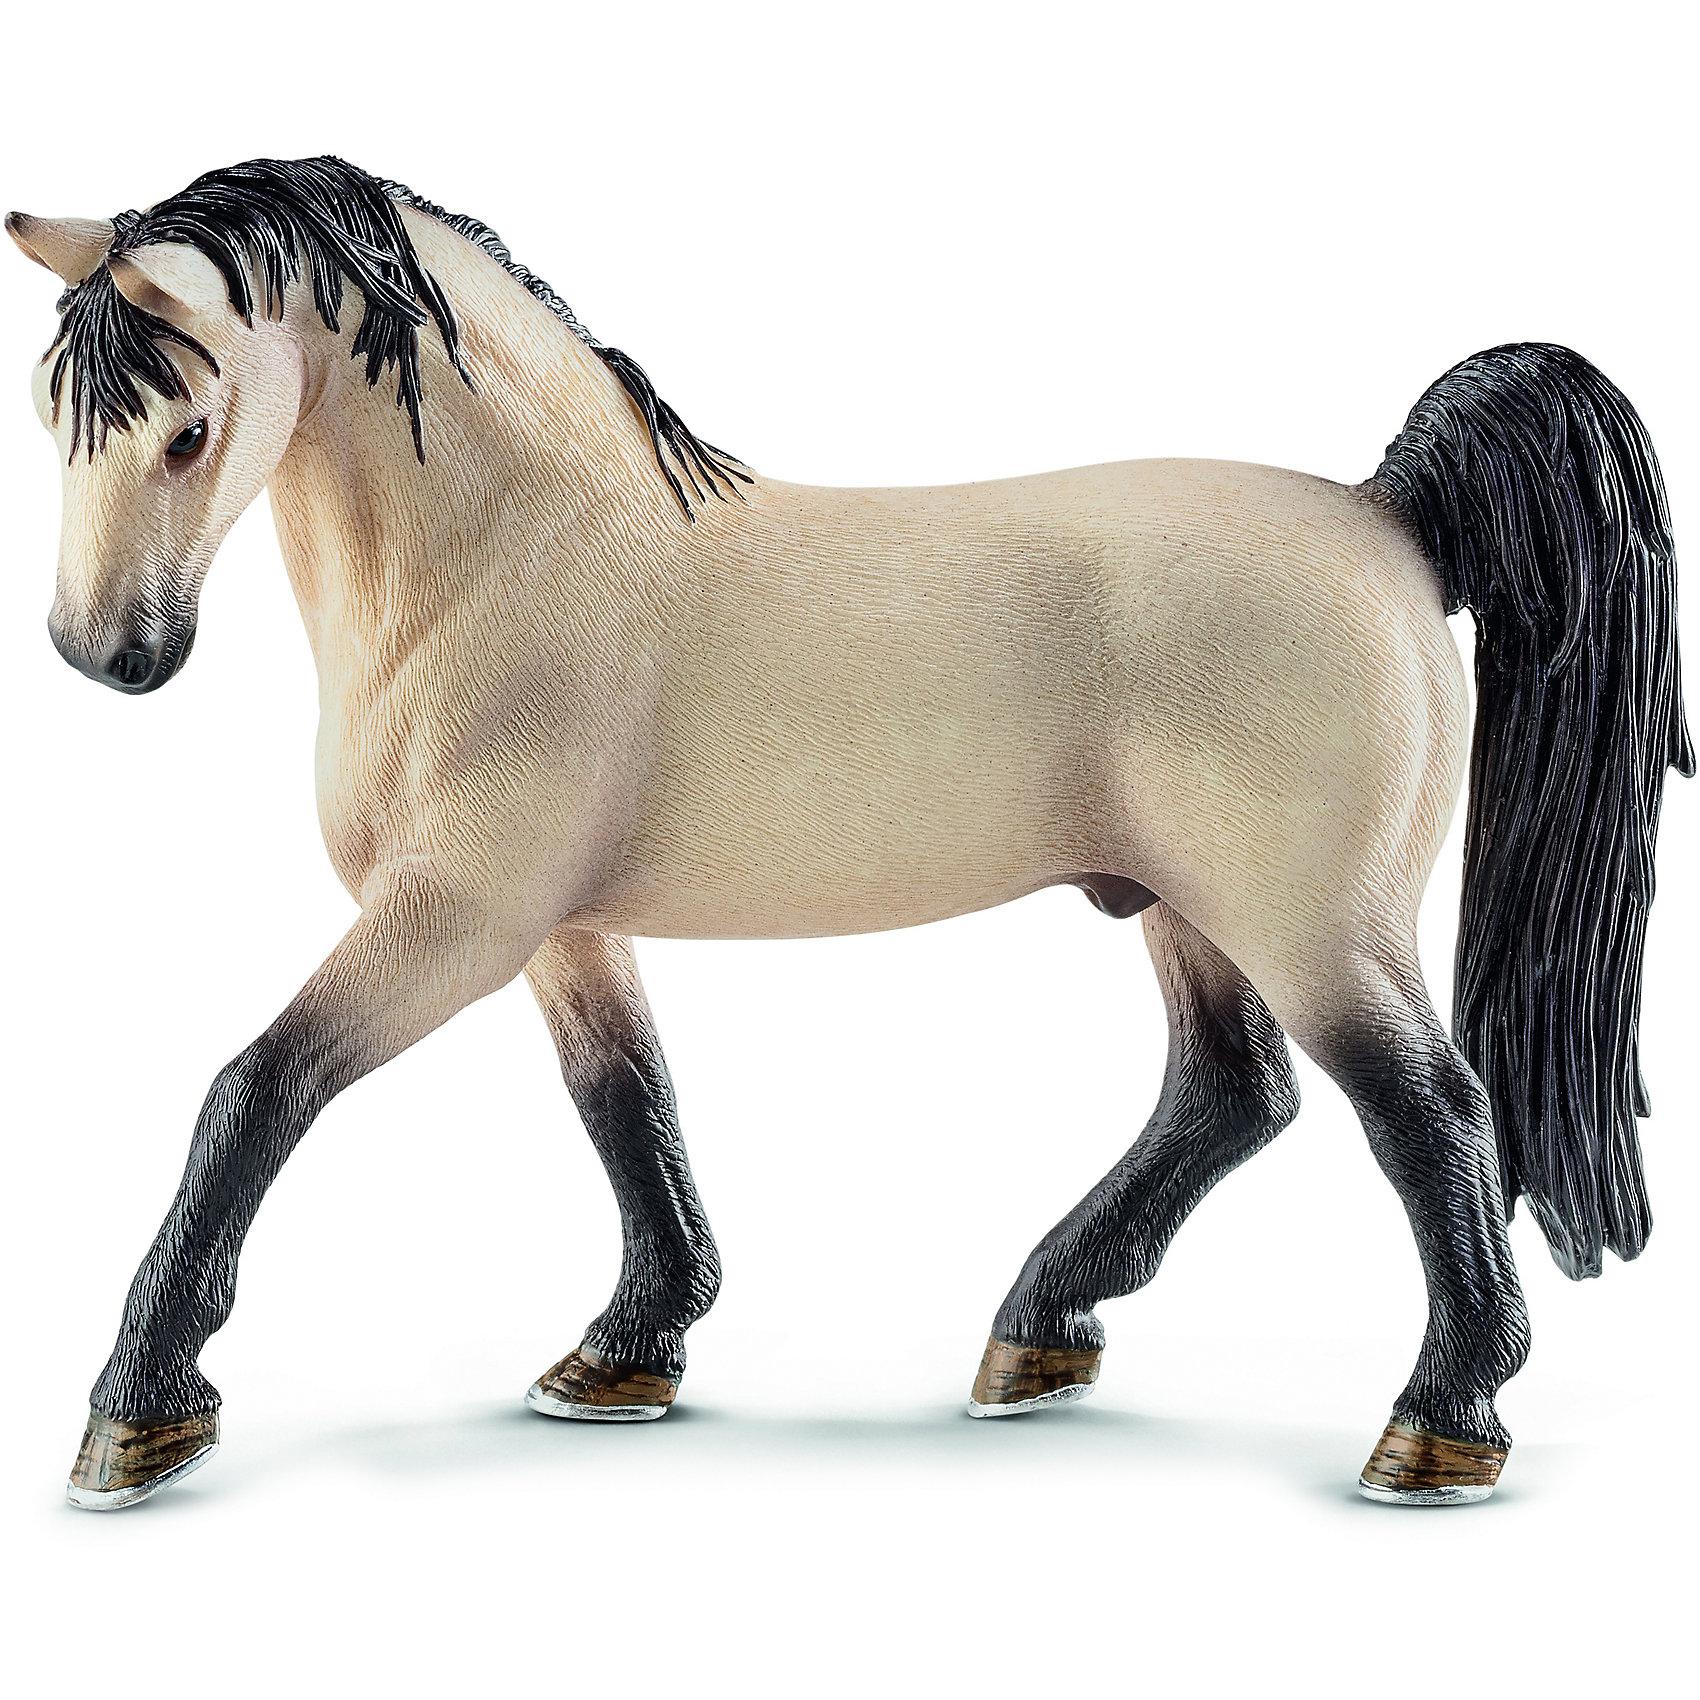 Schleich Жеребец Теннесси Уокер, Schleich фигурки игрушки schleich фиордская лошадь жеребец